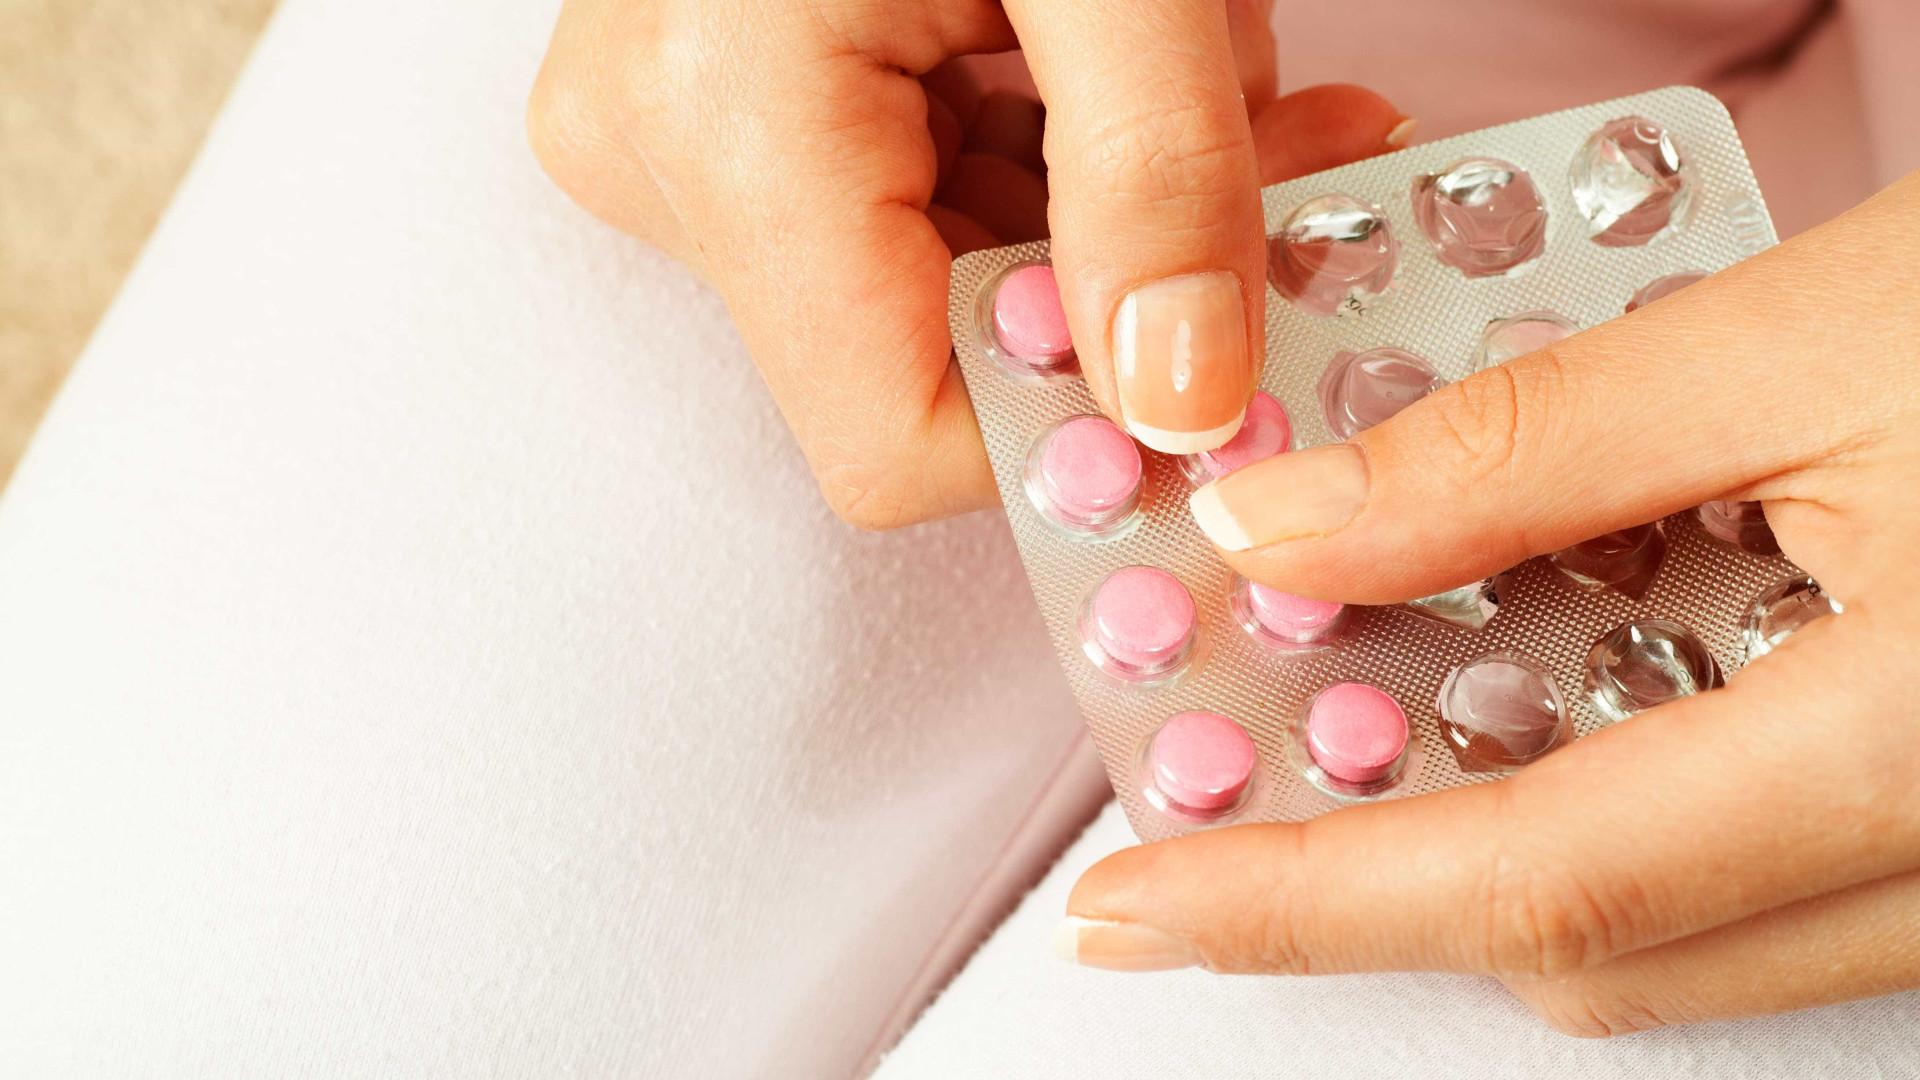 Remédio para cólica menstrual tem efeito para tratar esquistossomose